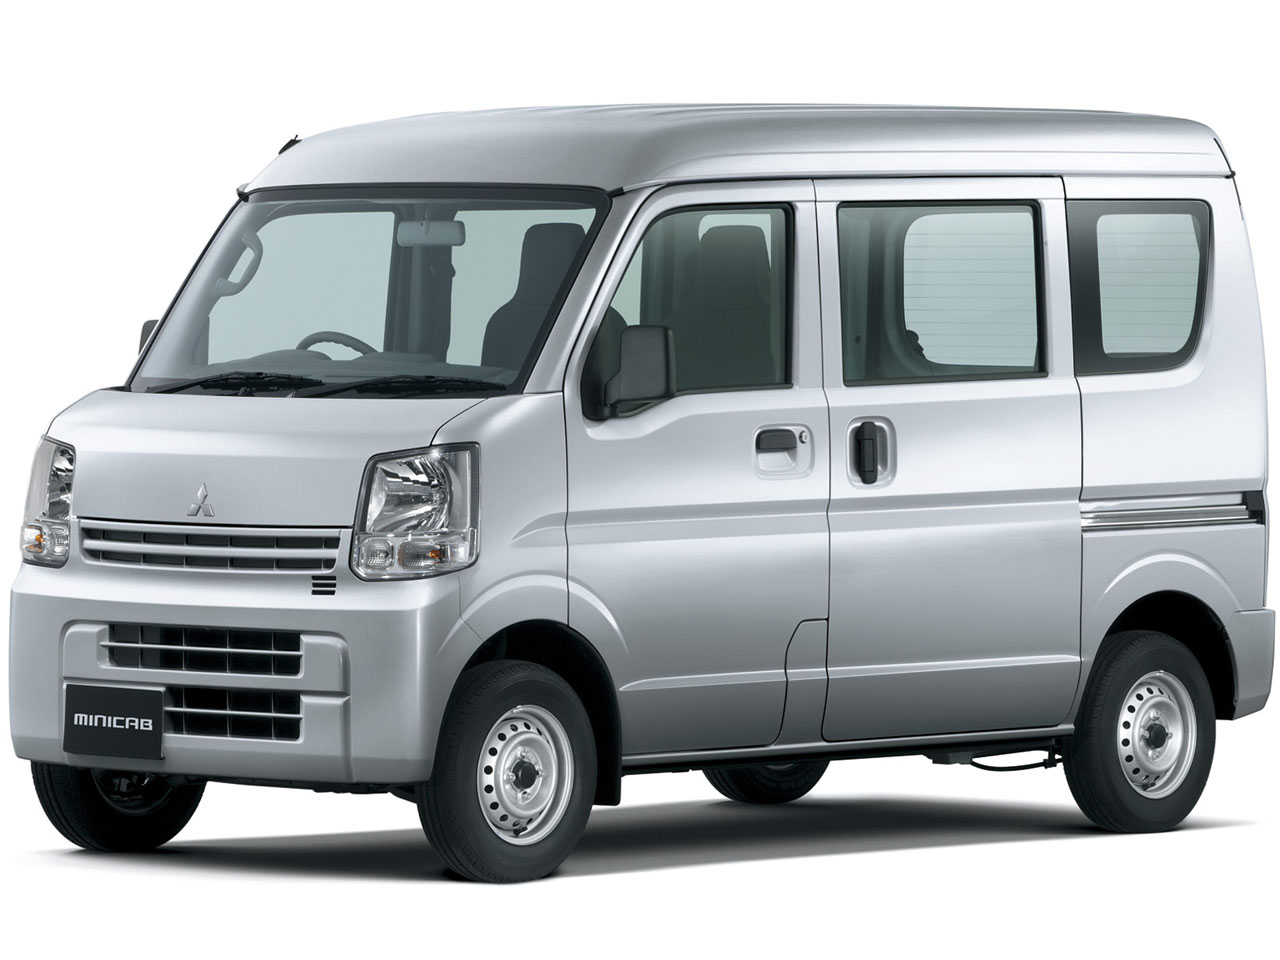 三菱 ミニキャブ バン 商用車 2015年モデル 新車画像